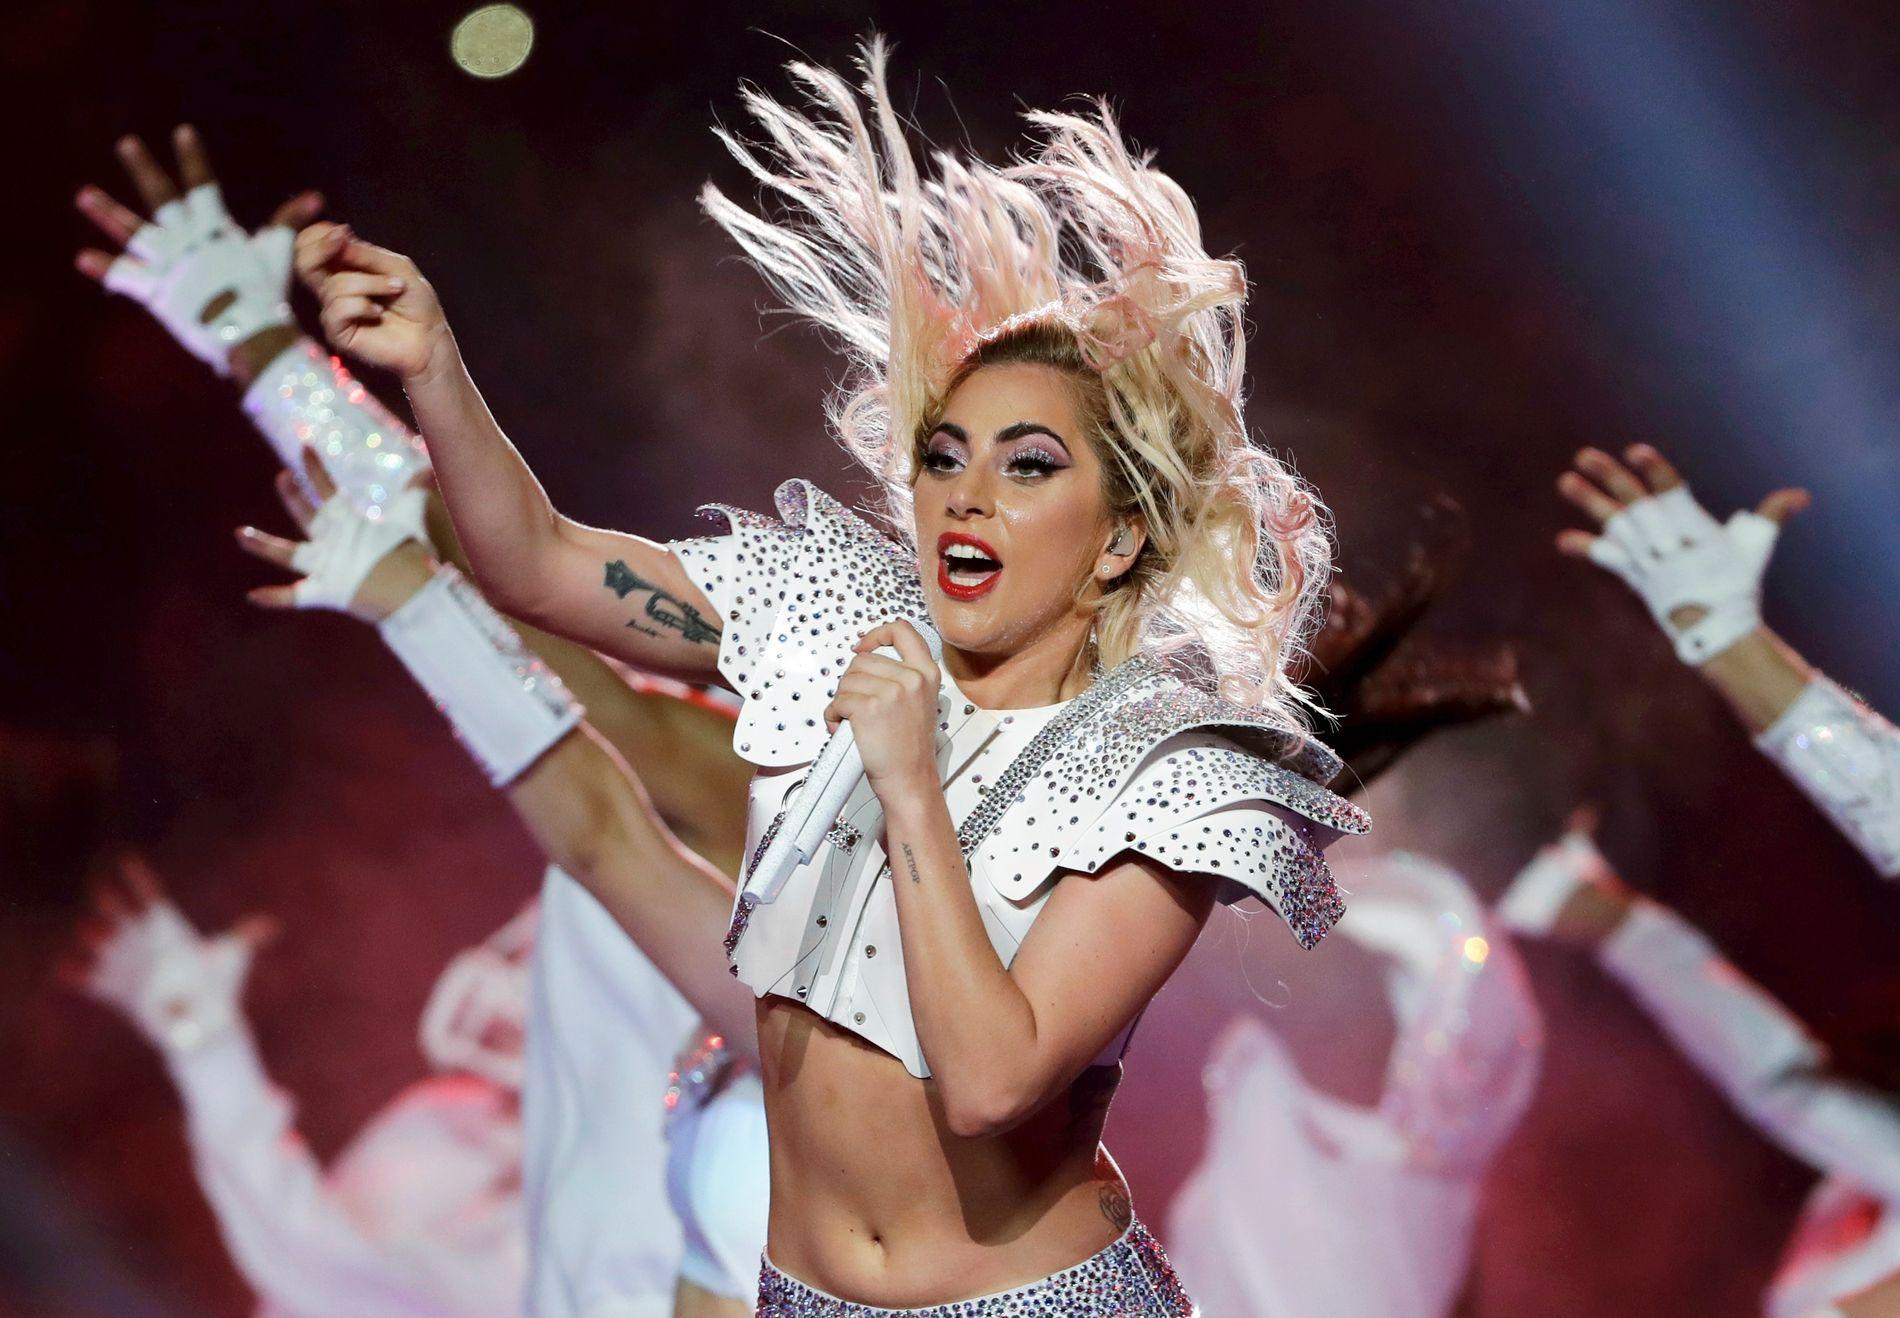 KOMPLET: Robert Wilsion mener at Lady Gaga er en komplet artist. Her synger hun på Superbowl-finalen i februar.